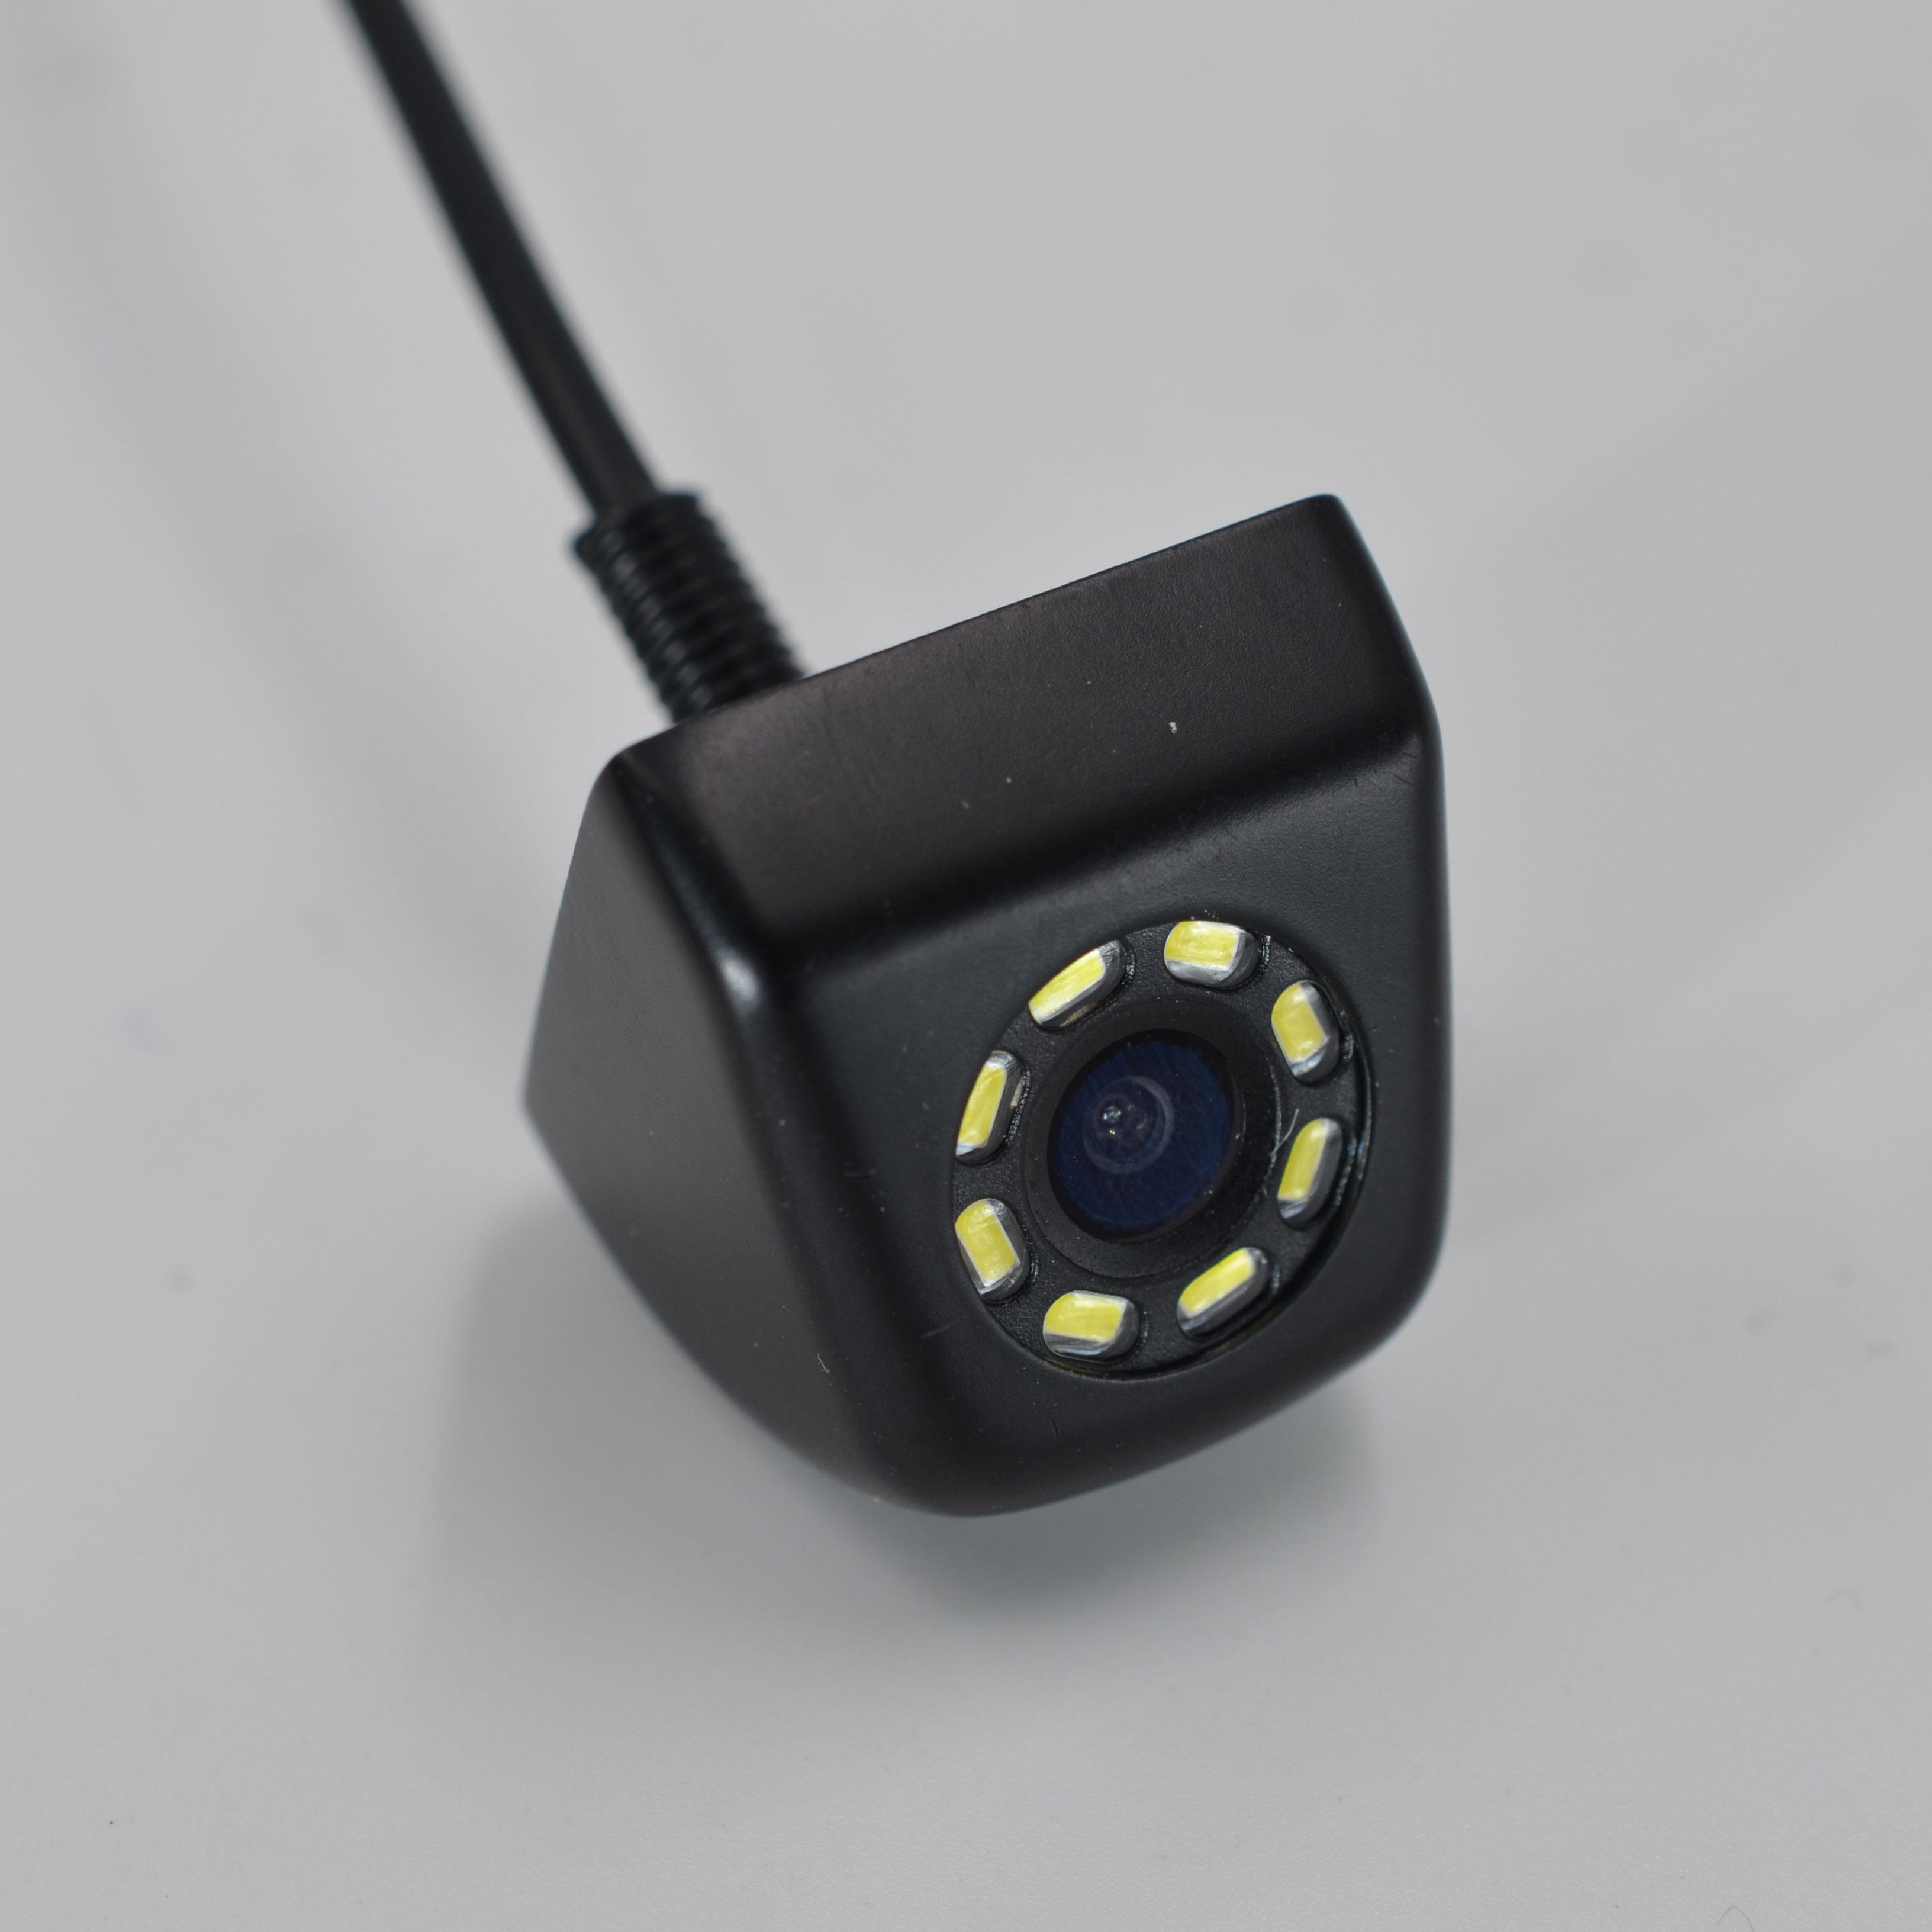 BYNCG Автомобильная камера заднего вида Универсальная 12 Светодиодный ночного видения дублирующая для парковки заднего вида камера Водонепроницаемая 170 широкоугольная HD цветное изображение - Название цвета: Зеленый